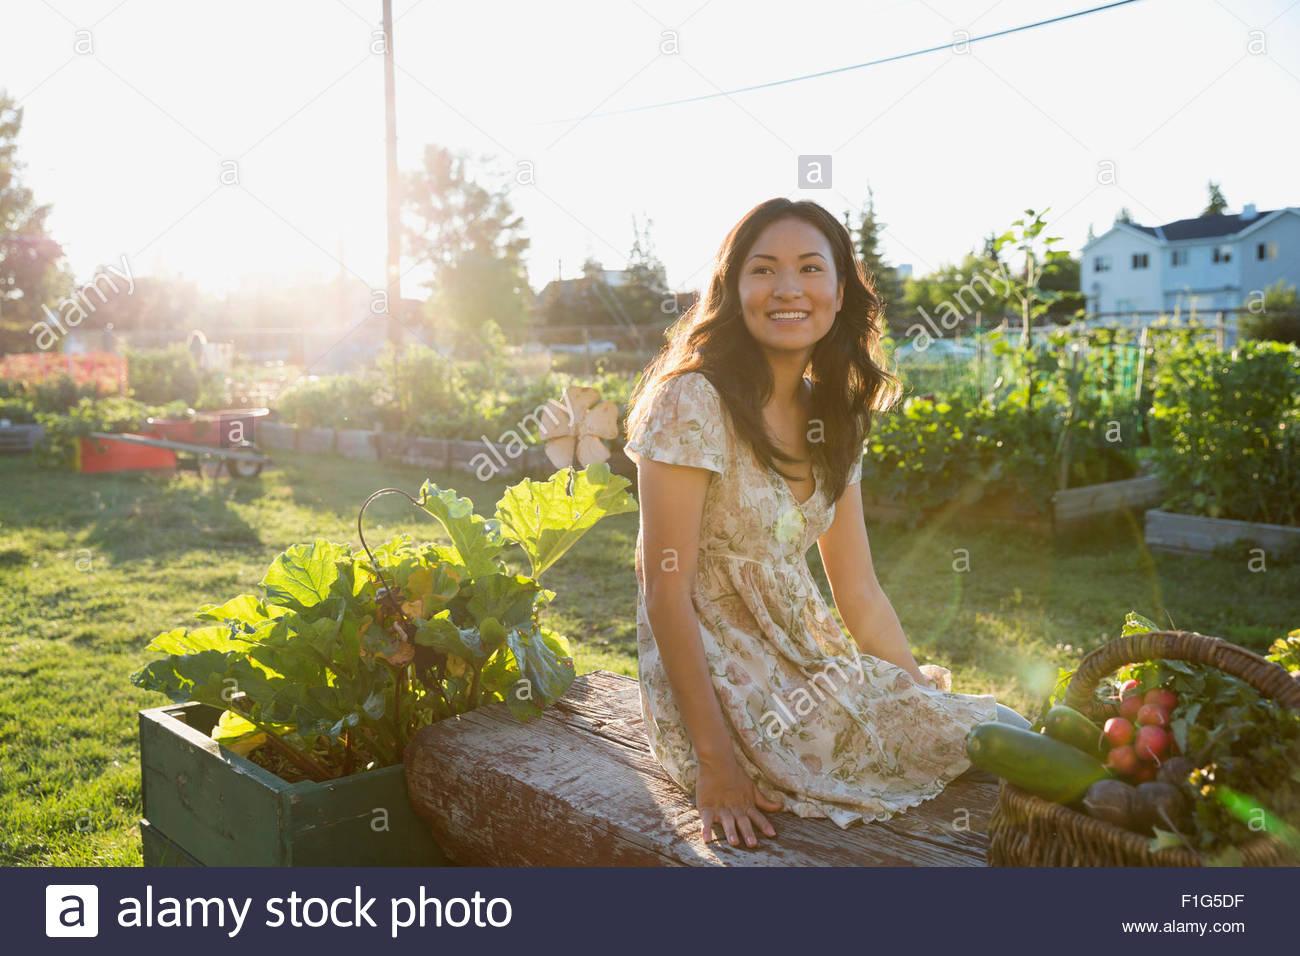 Sonriente adolescente cosechando vegetales en el jardín Imagen De Stock